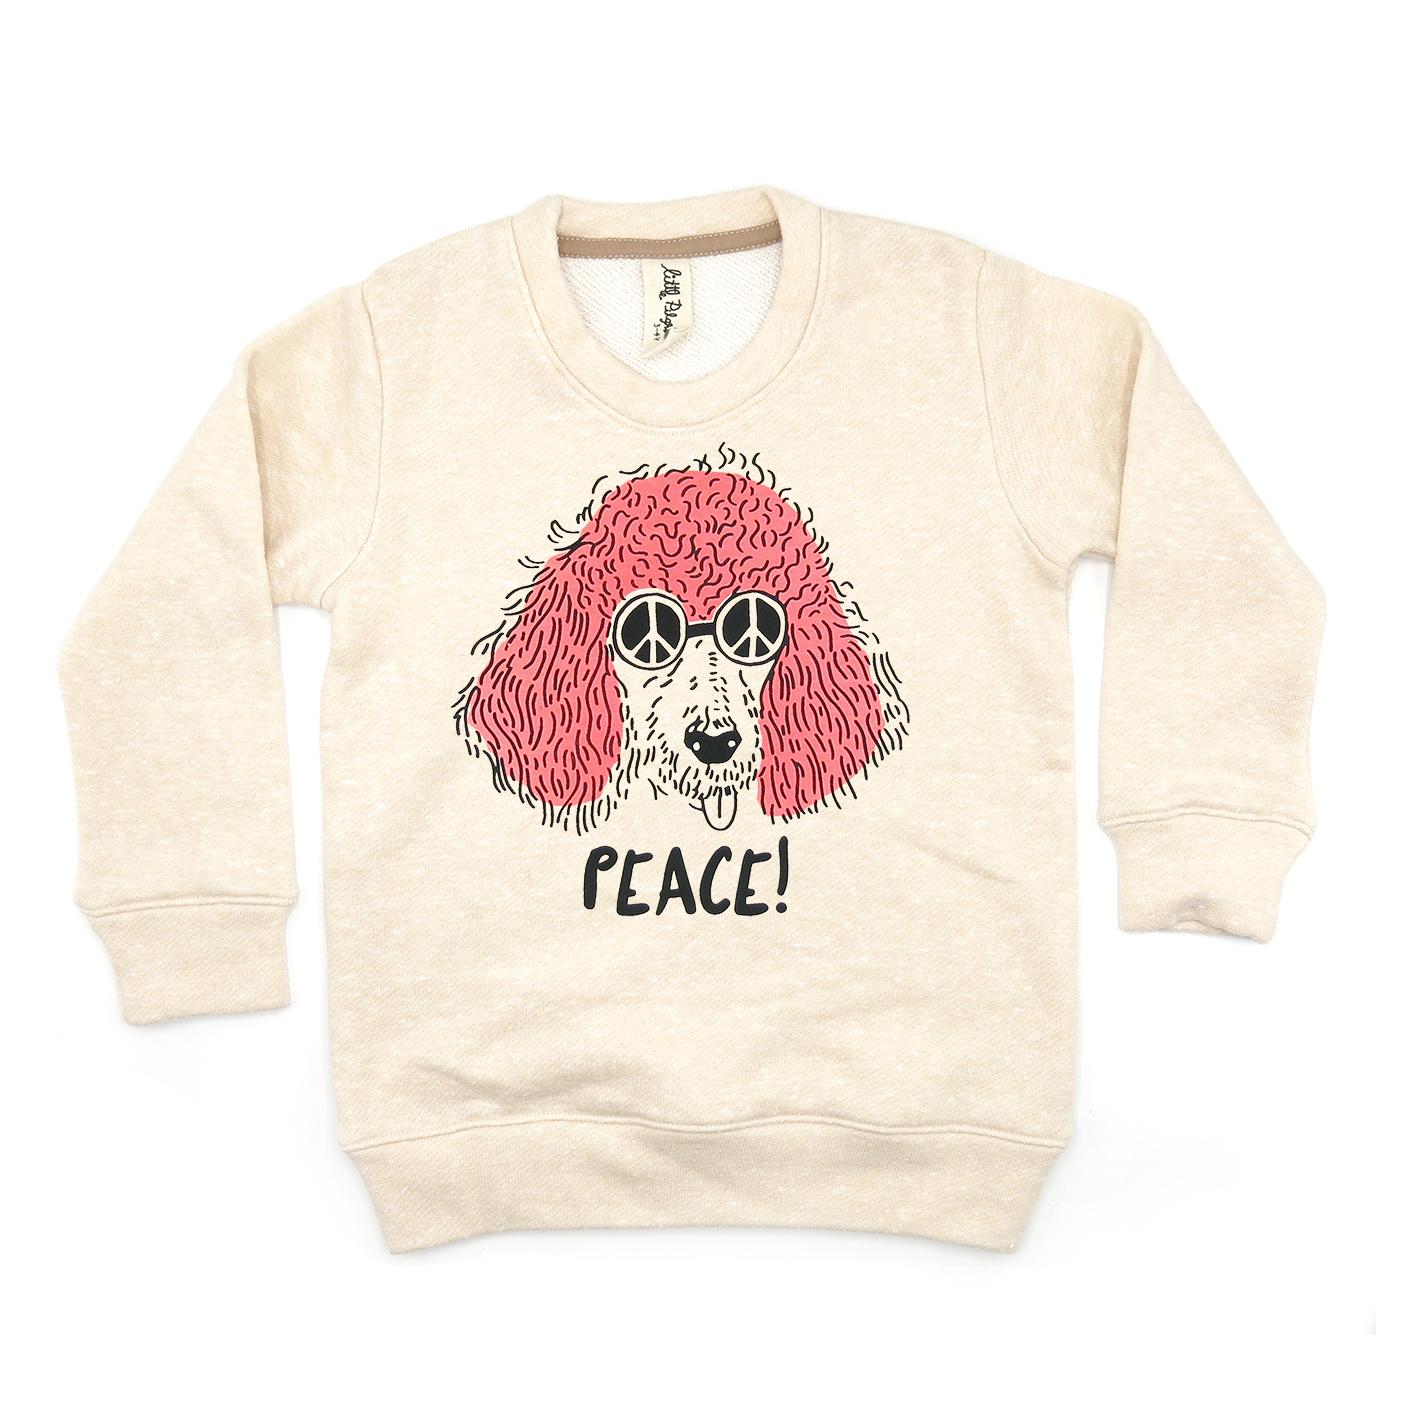 BABY/ KIDS / WOMEN / MEN LP03210 PEACE SWEATER